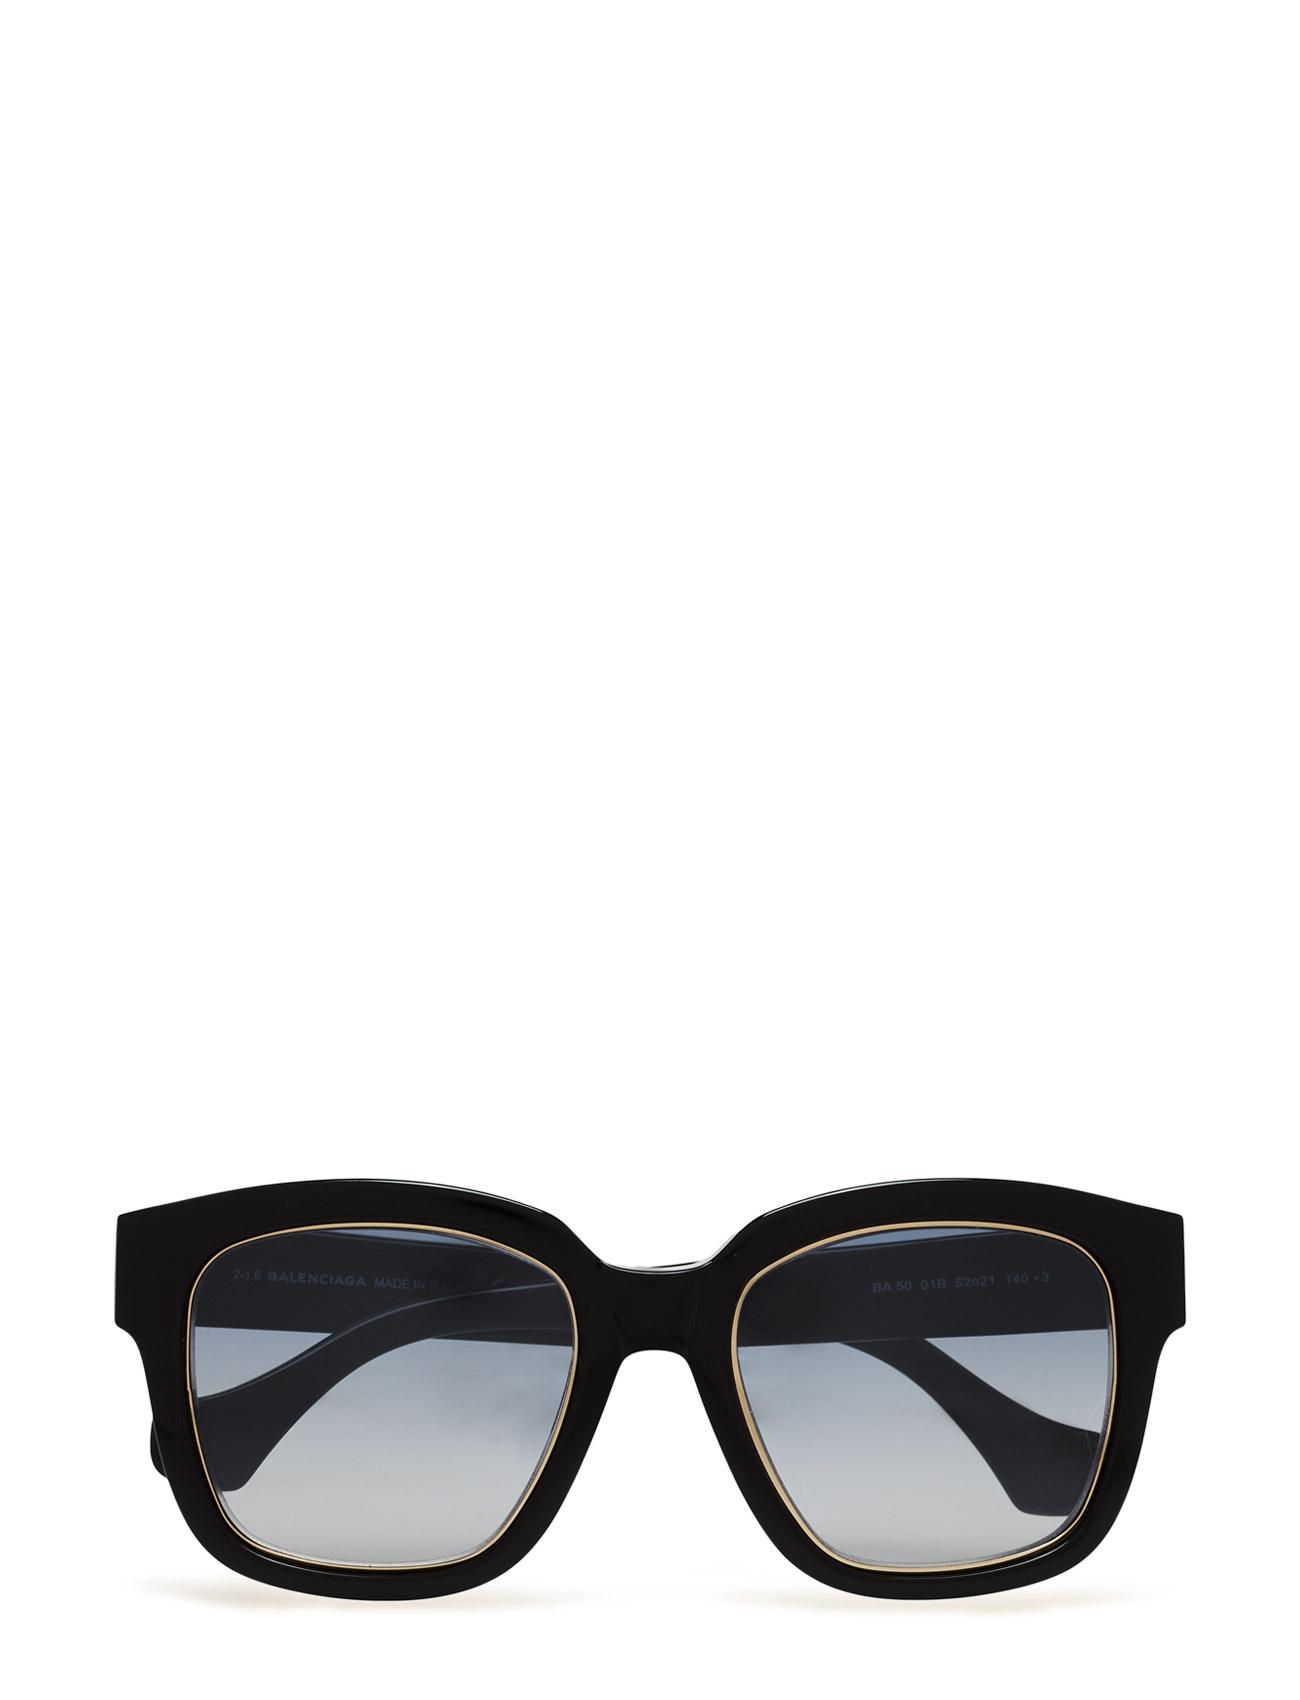 balenciaga sunglasses Ba0050 på boozt.com dk